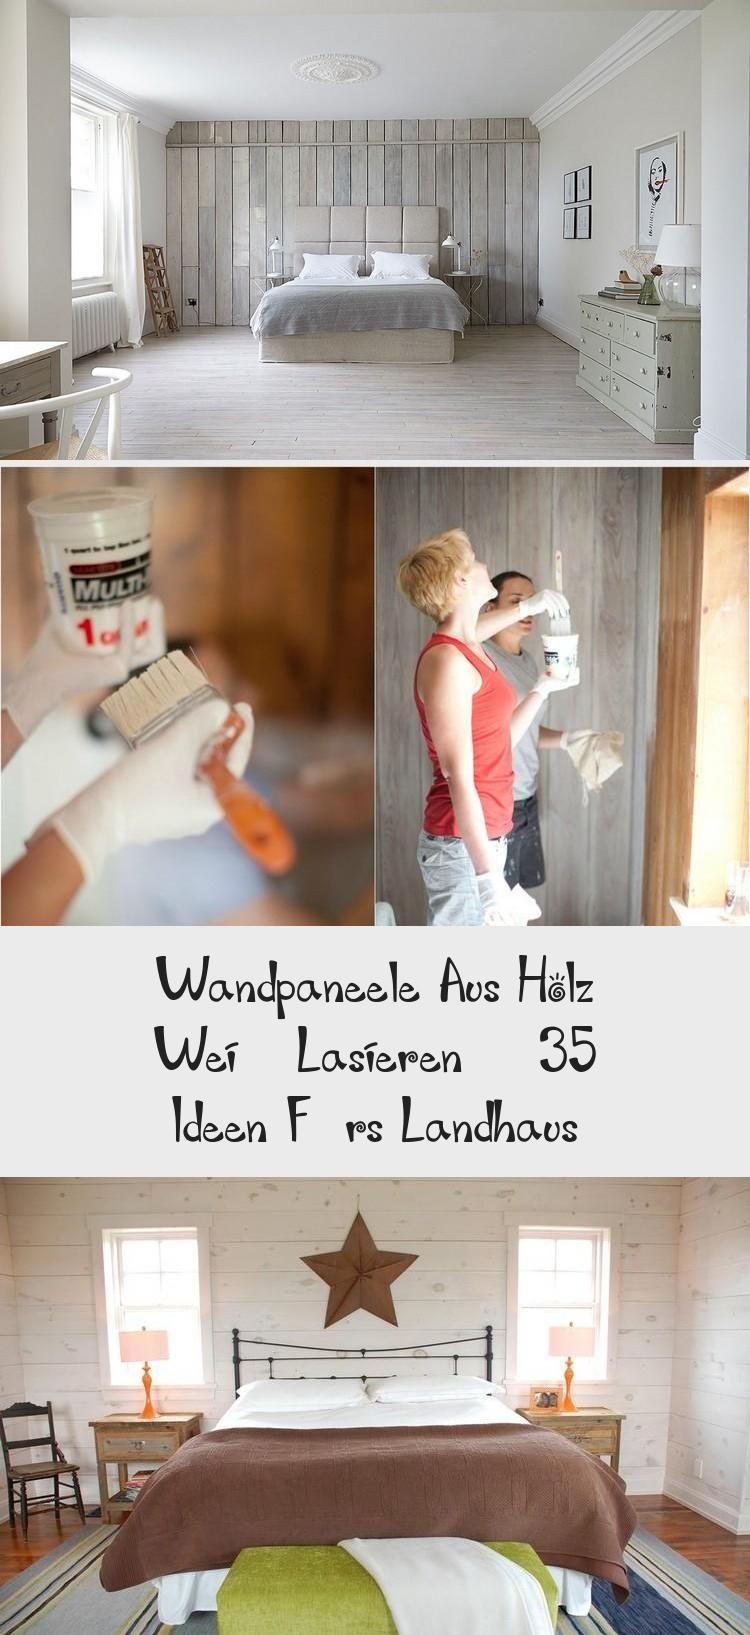 Wandpaneele Aus Holz Weiss Lasieren 35 Ideen Furs Landhaus In 2020 Wandpaneele Holz Weiss Lasieren Wande